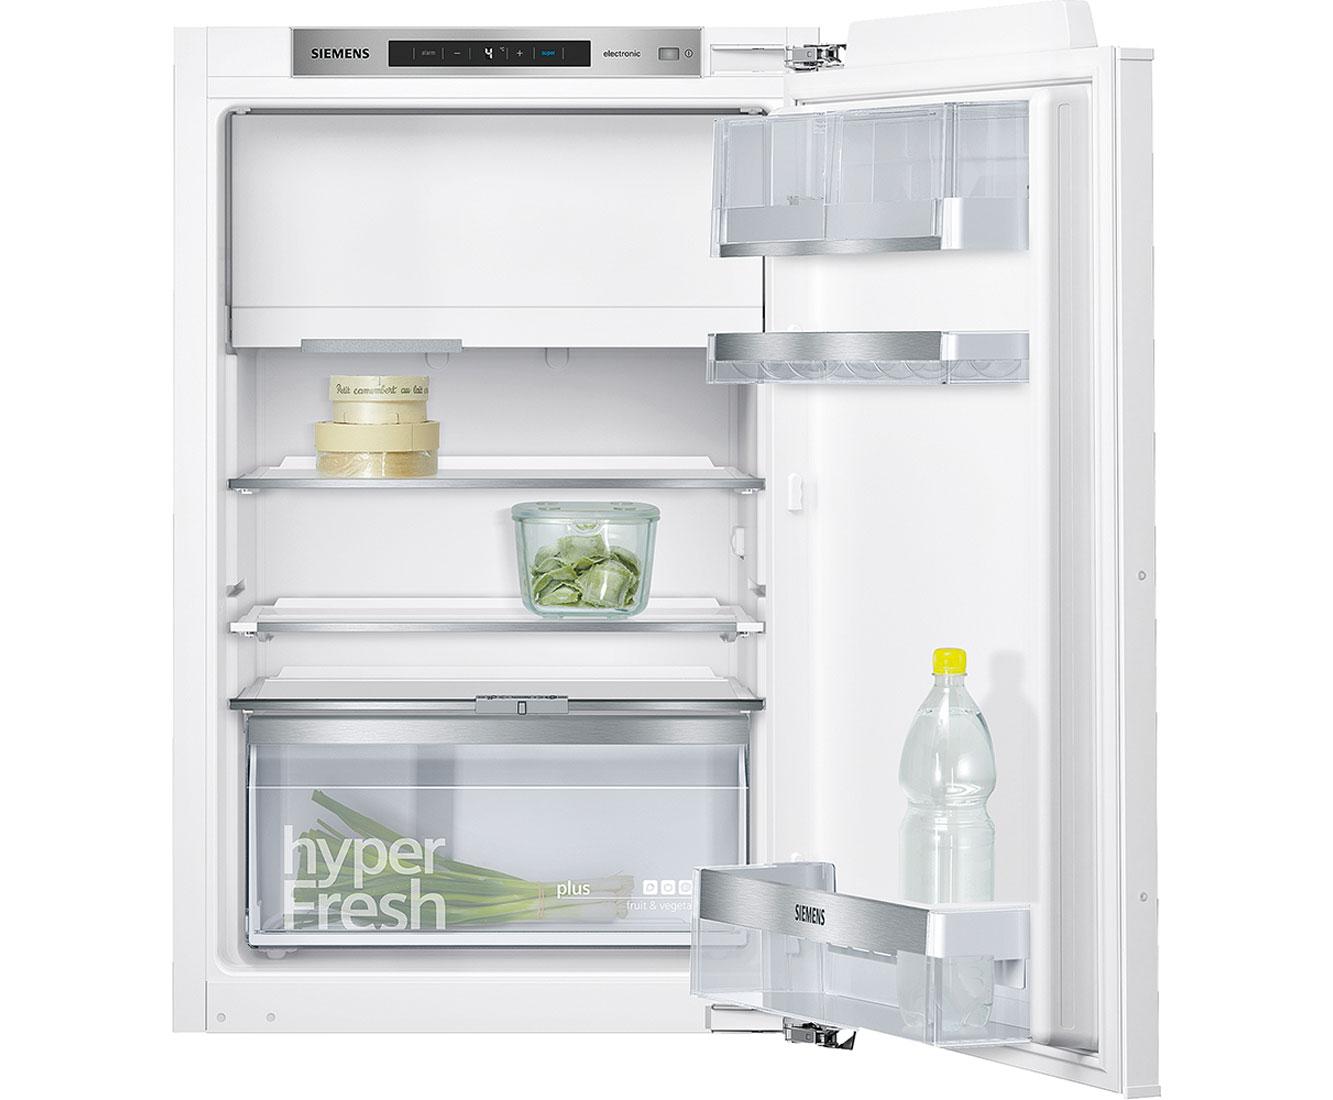 Siemens Kühlschrank Hyperfresh : Siemens ki lad kühlschrank eingebaut cm weiß neu ebay